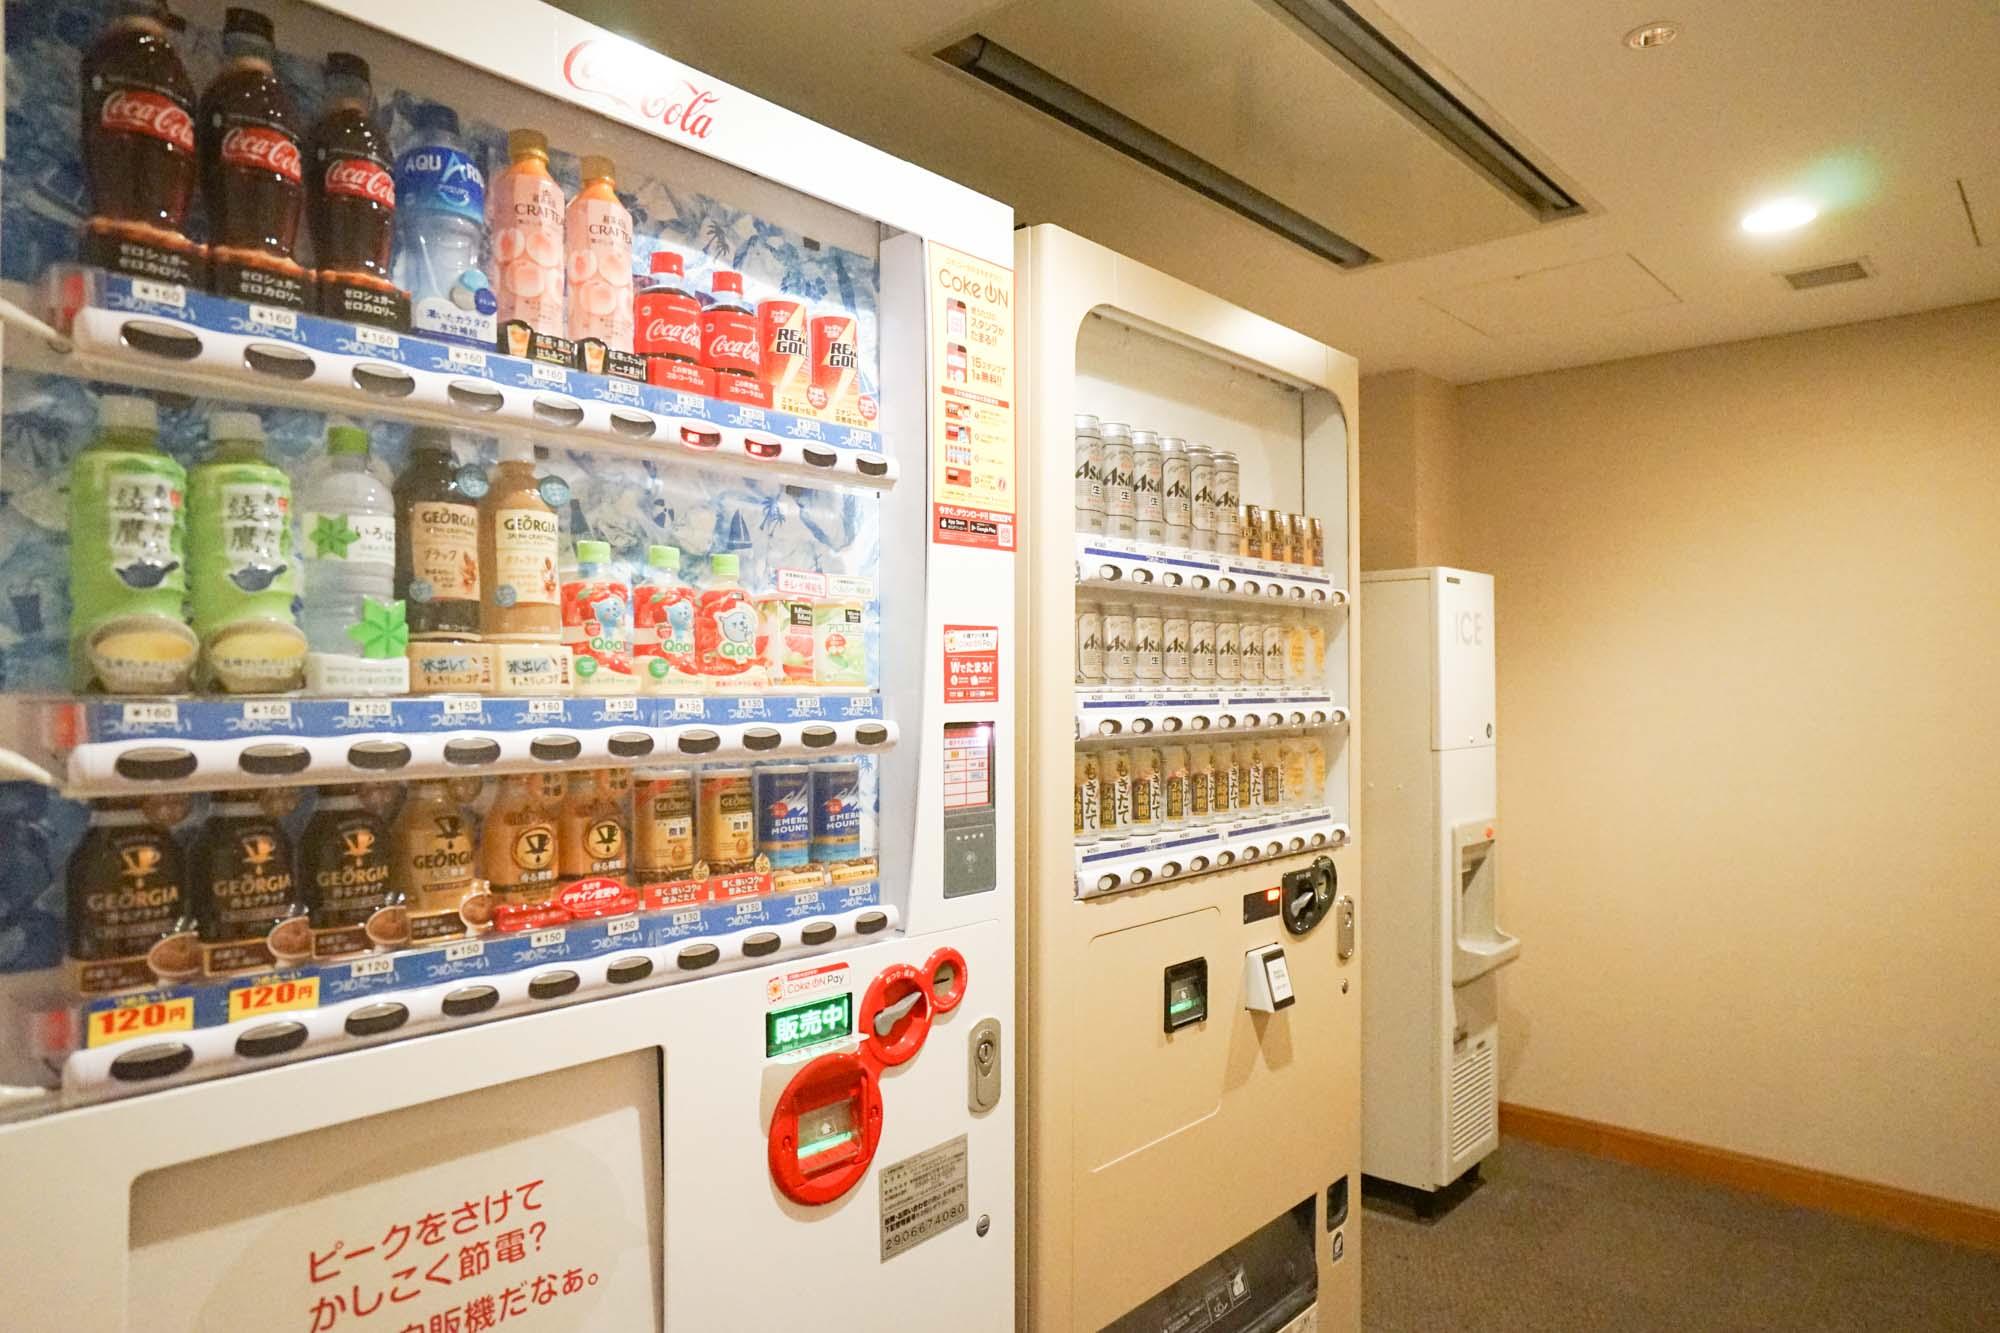 共用部の設備、まず14〜19階にはアルコール類まである自動販売機が設置されています